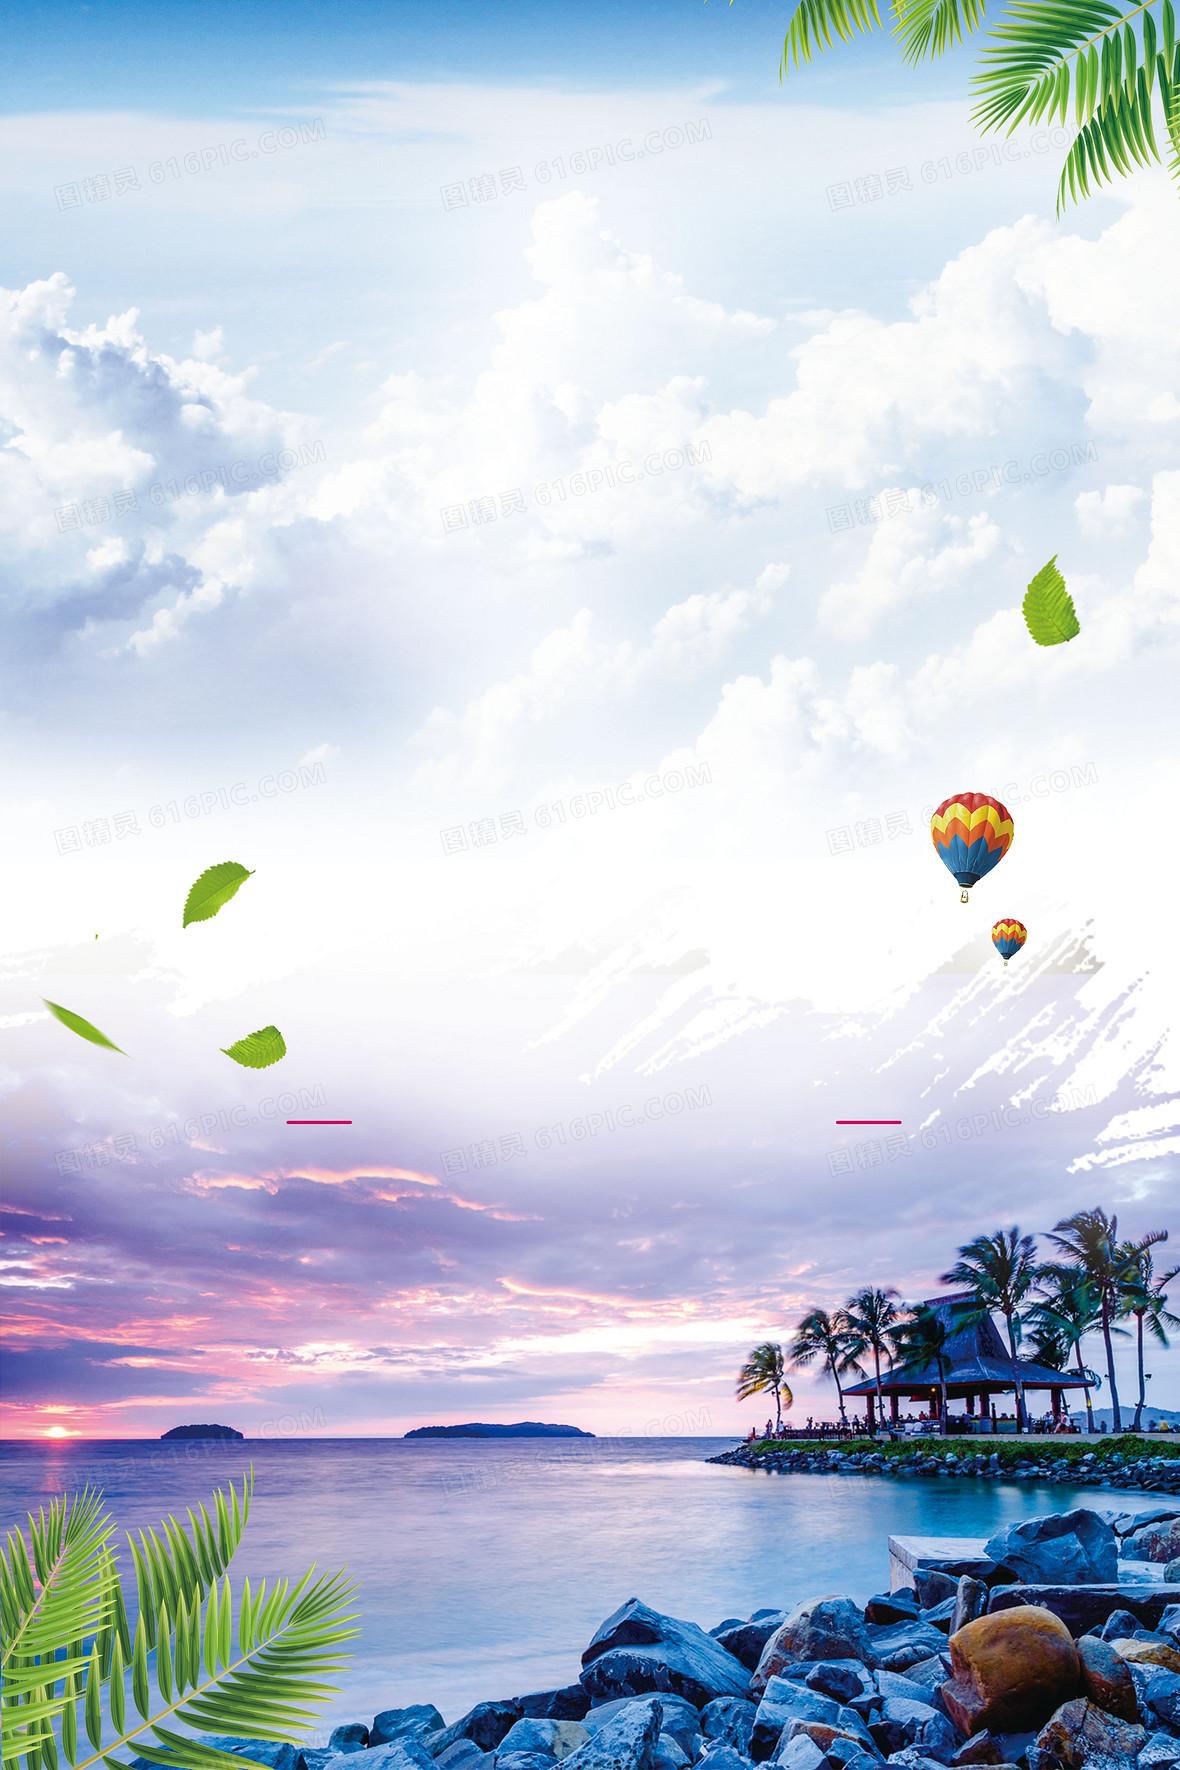 创意风景沙巴州旅行海报背景素材